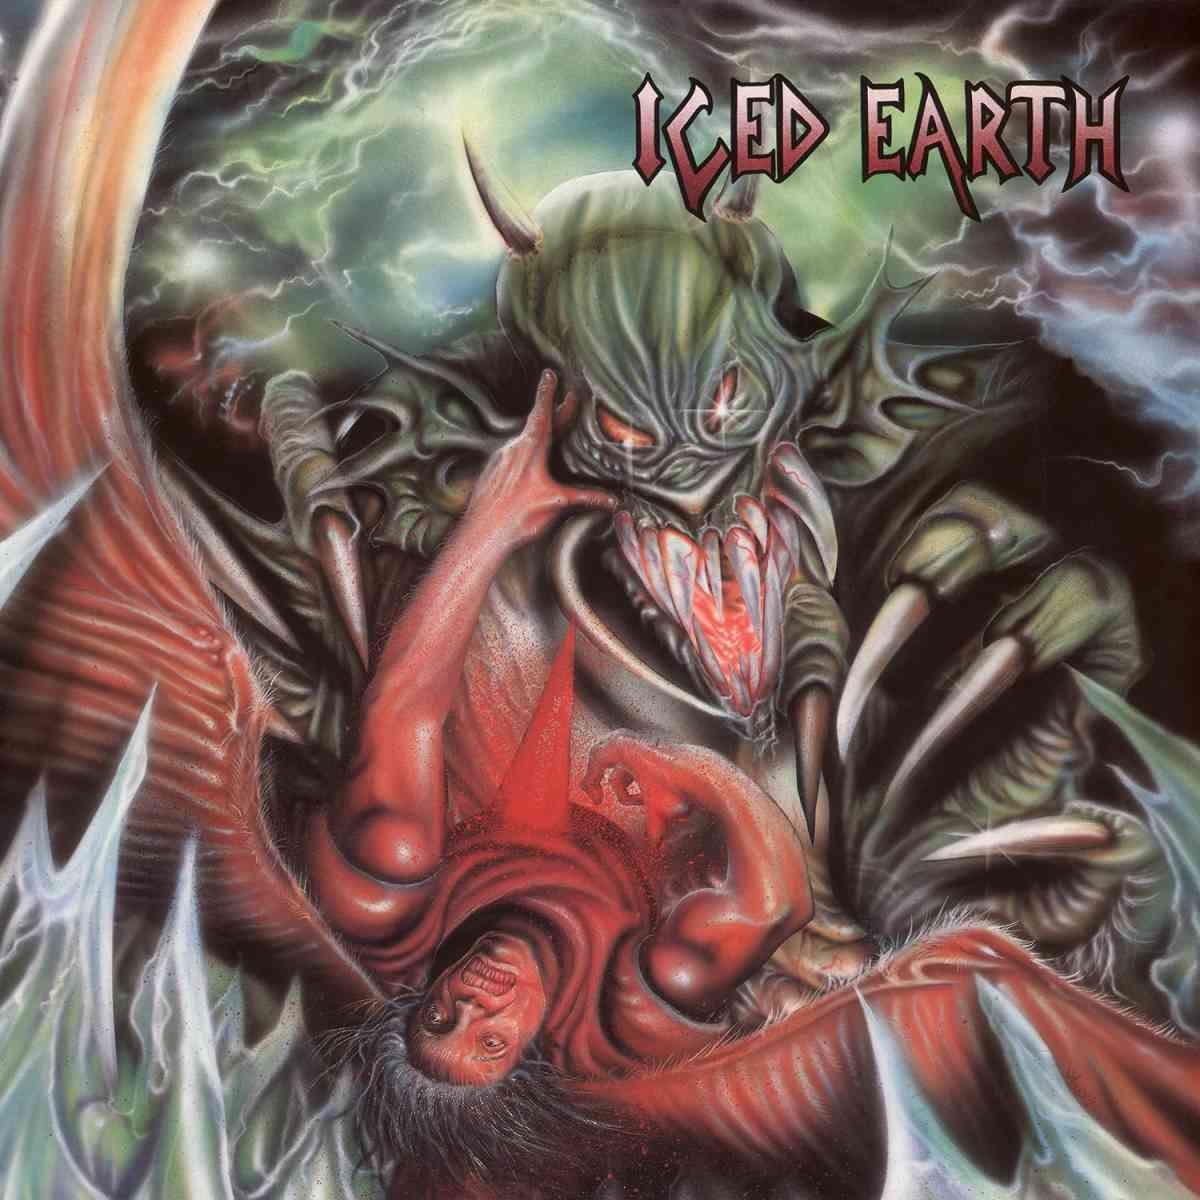 iced earth - iced earth - album cover